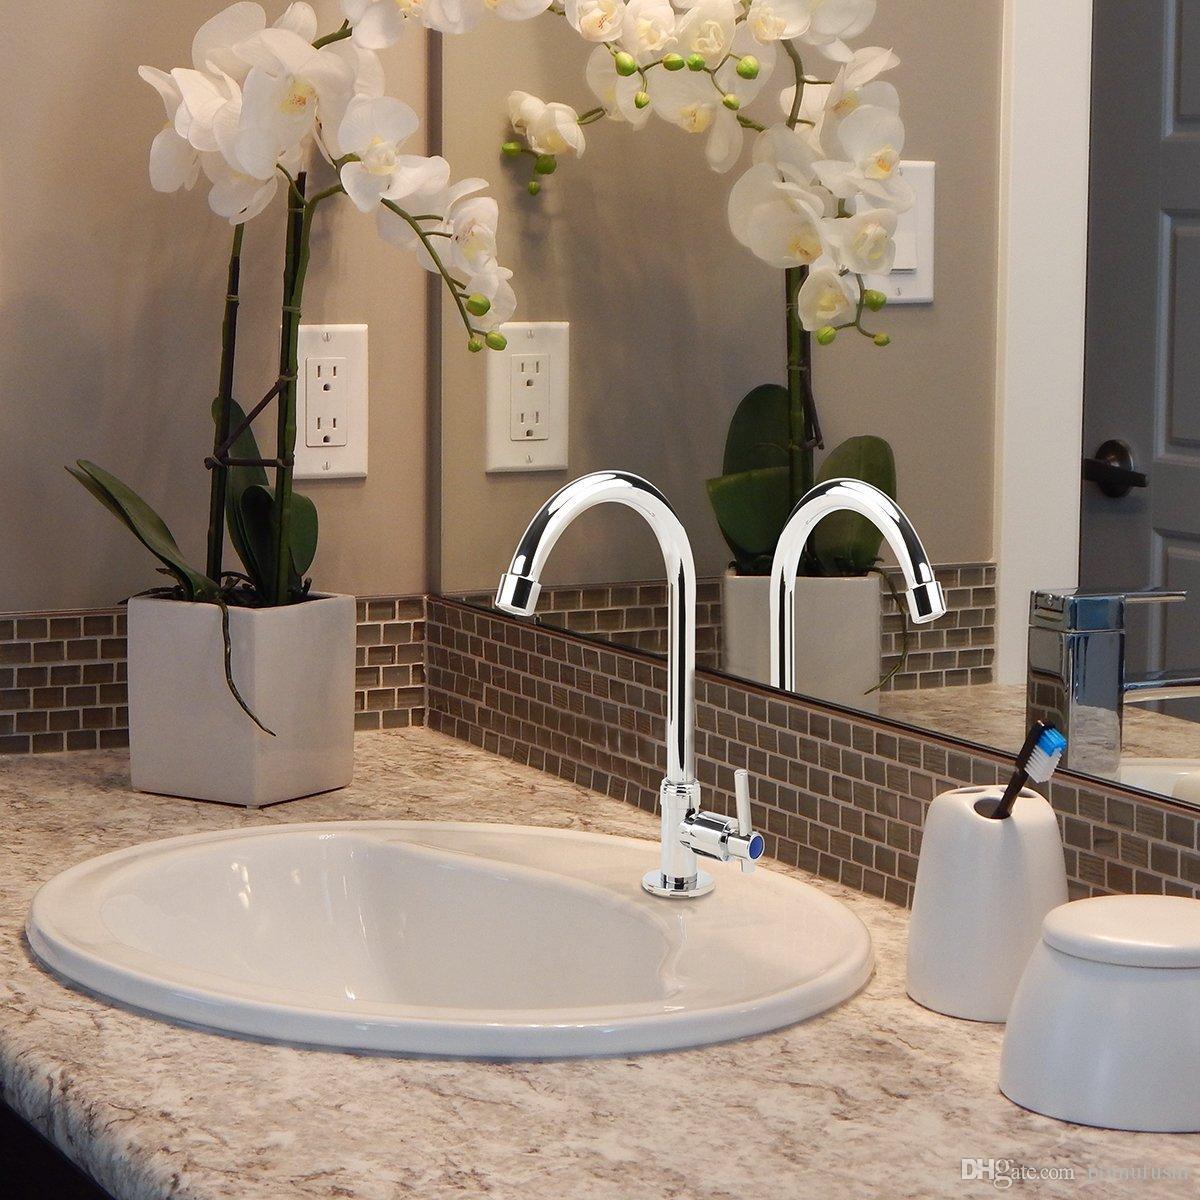 Full Size of Einfach Installieren Bad Wasserhahn Einzigen Waschbecken Keramik Küche Outdoor Kaufen Wohnzimmer Outdoor Waschbecken